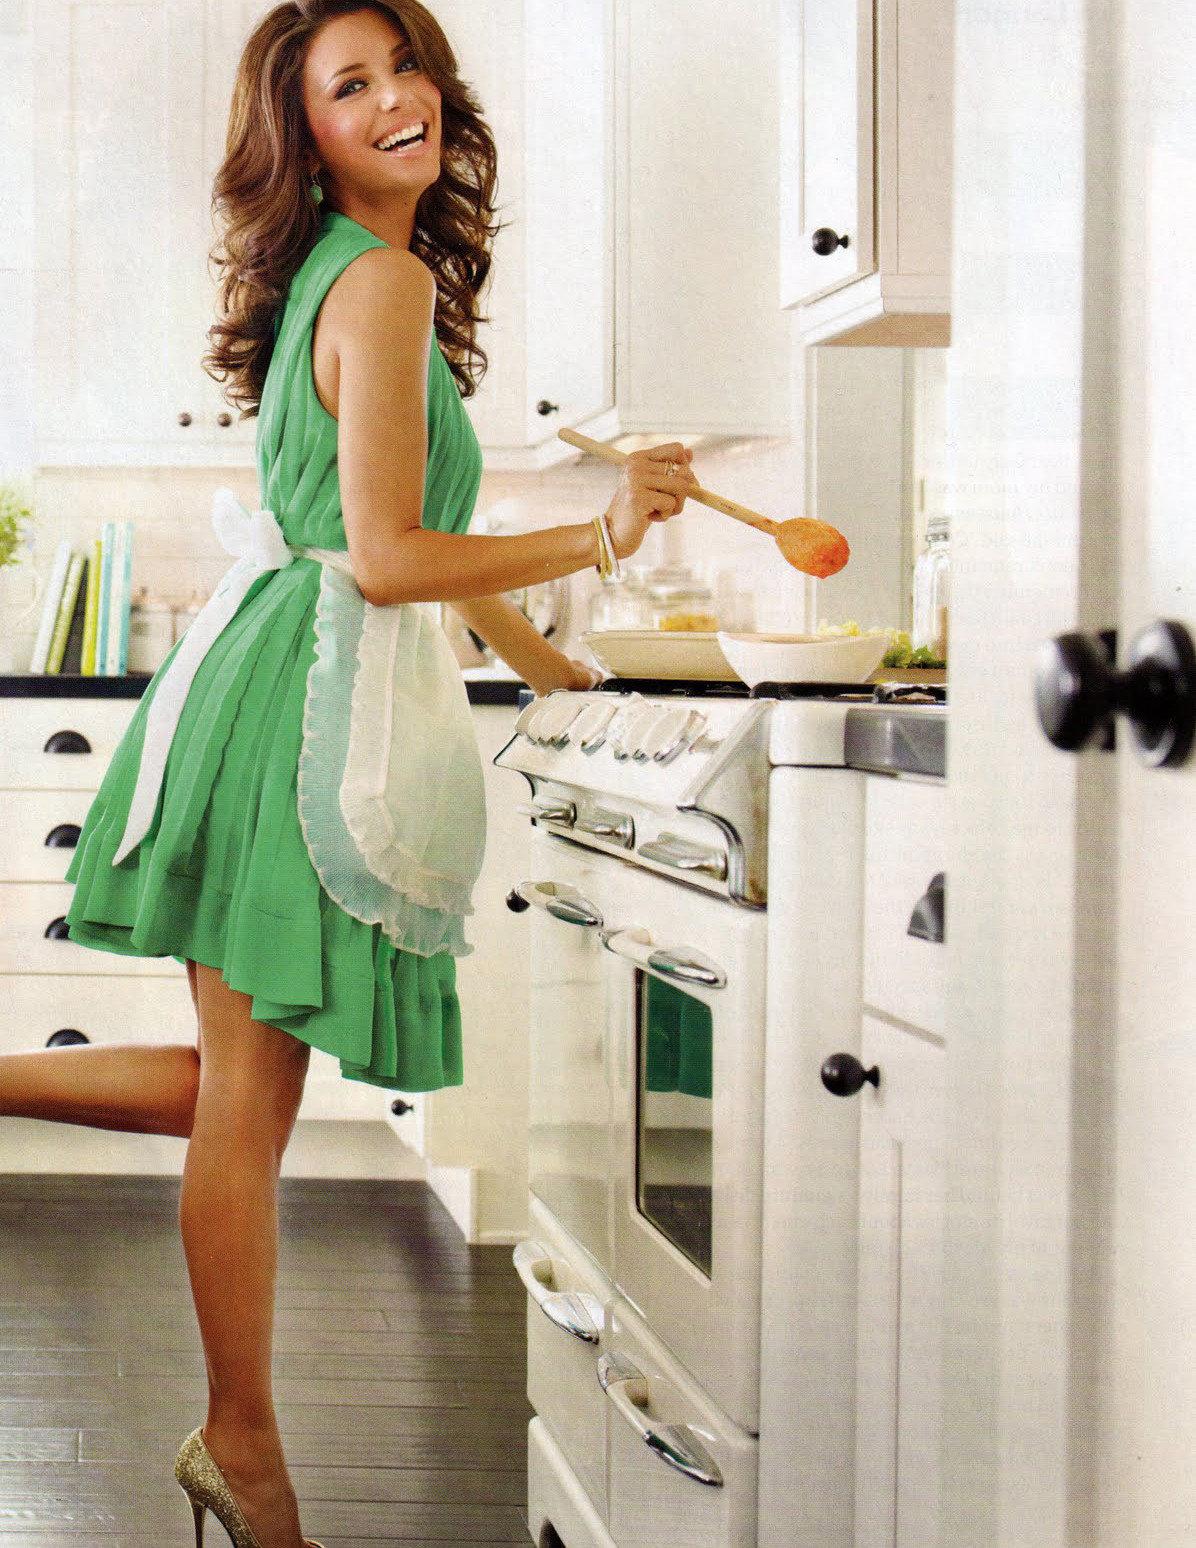 фото женщина на кухне понял